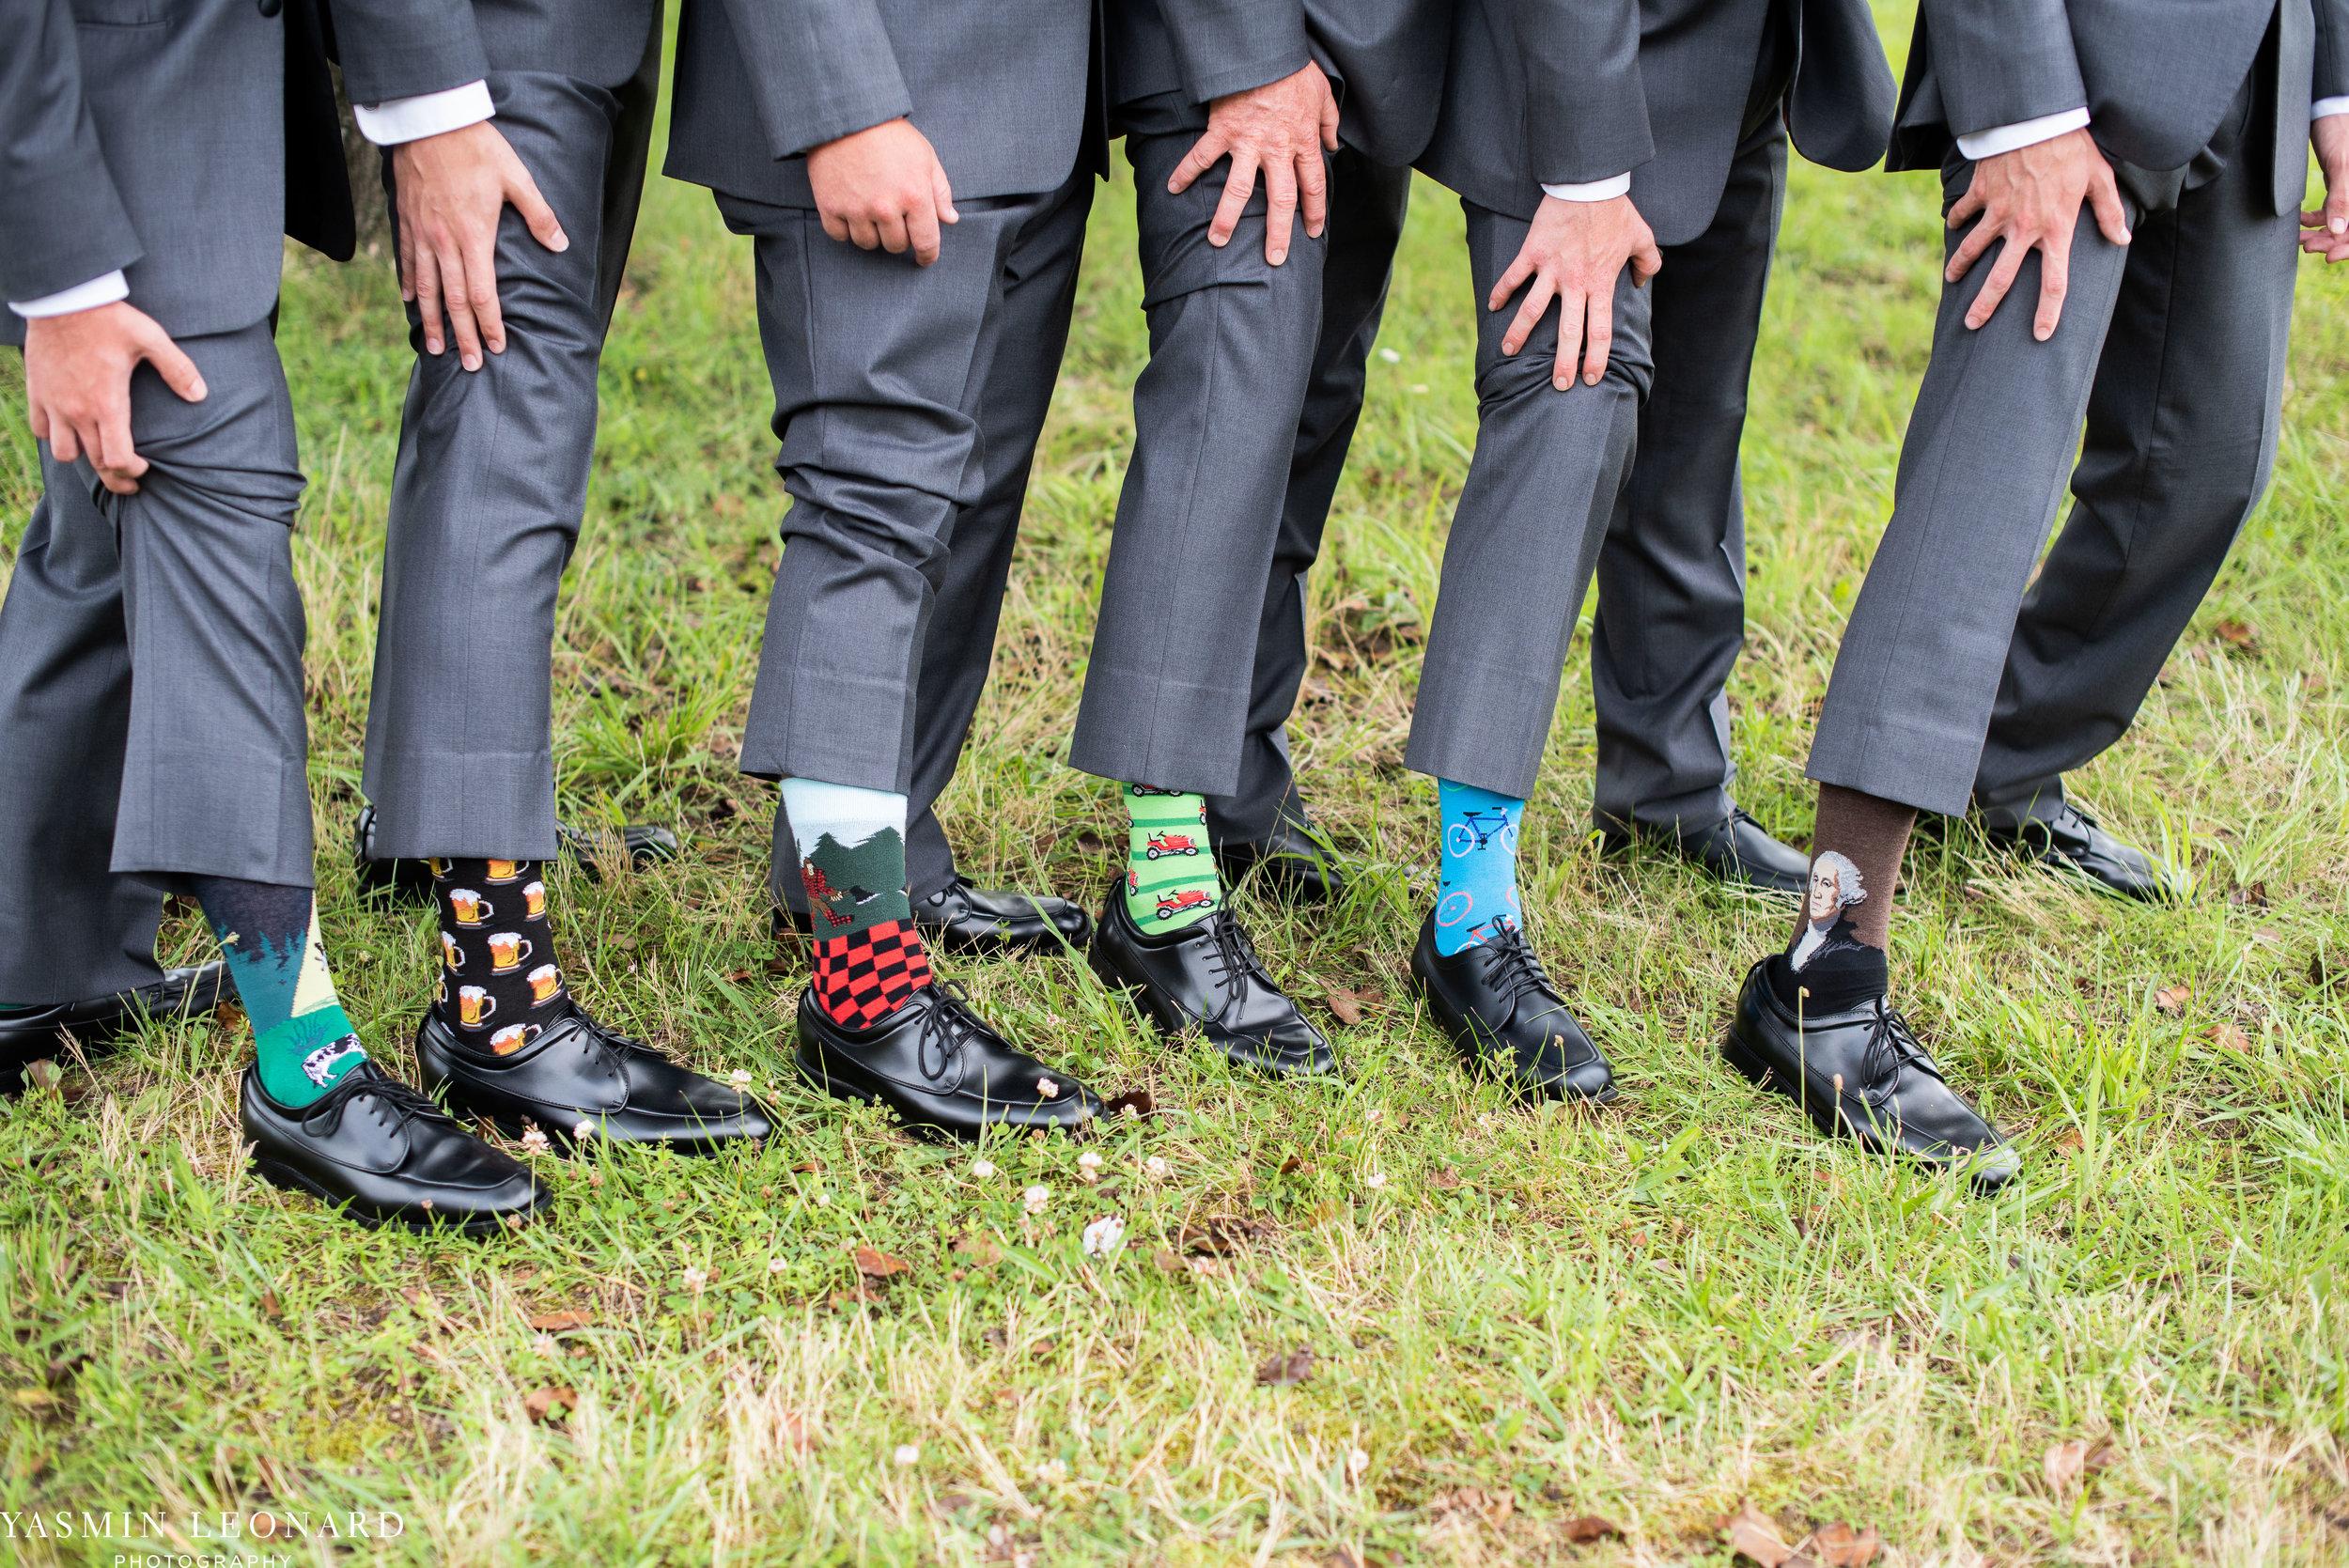 Mt. Pleasant Church - Church Wedding - Traditional Wedding - Church Ceremony - Country Wedding - Godly Wedding - NC Wedding Photographer - High Point Weddings - Triad Weddings - NC Venues-16.jpg